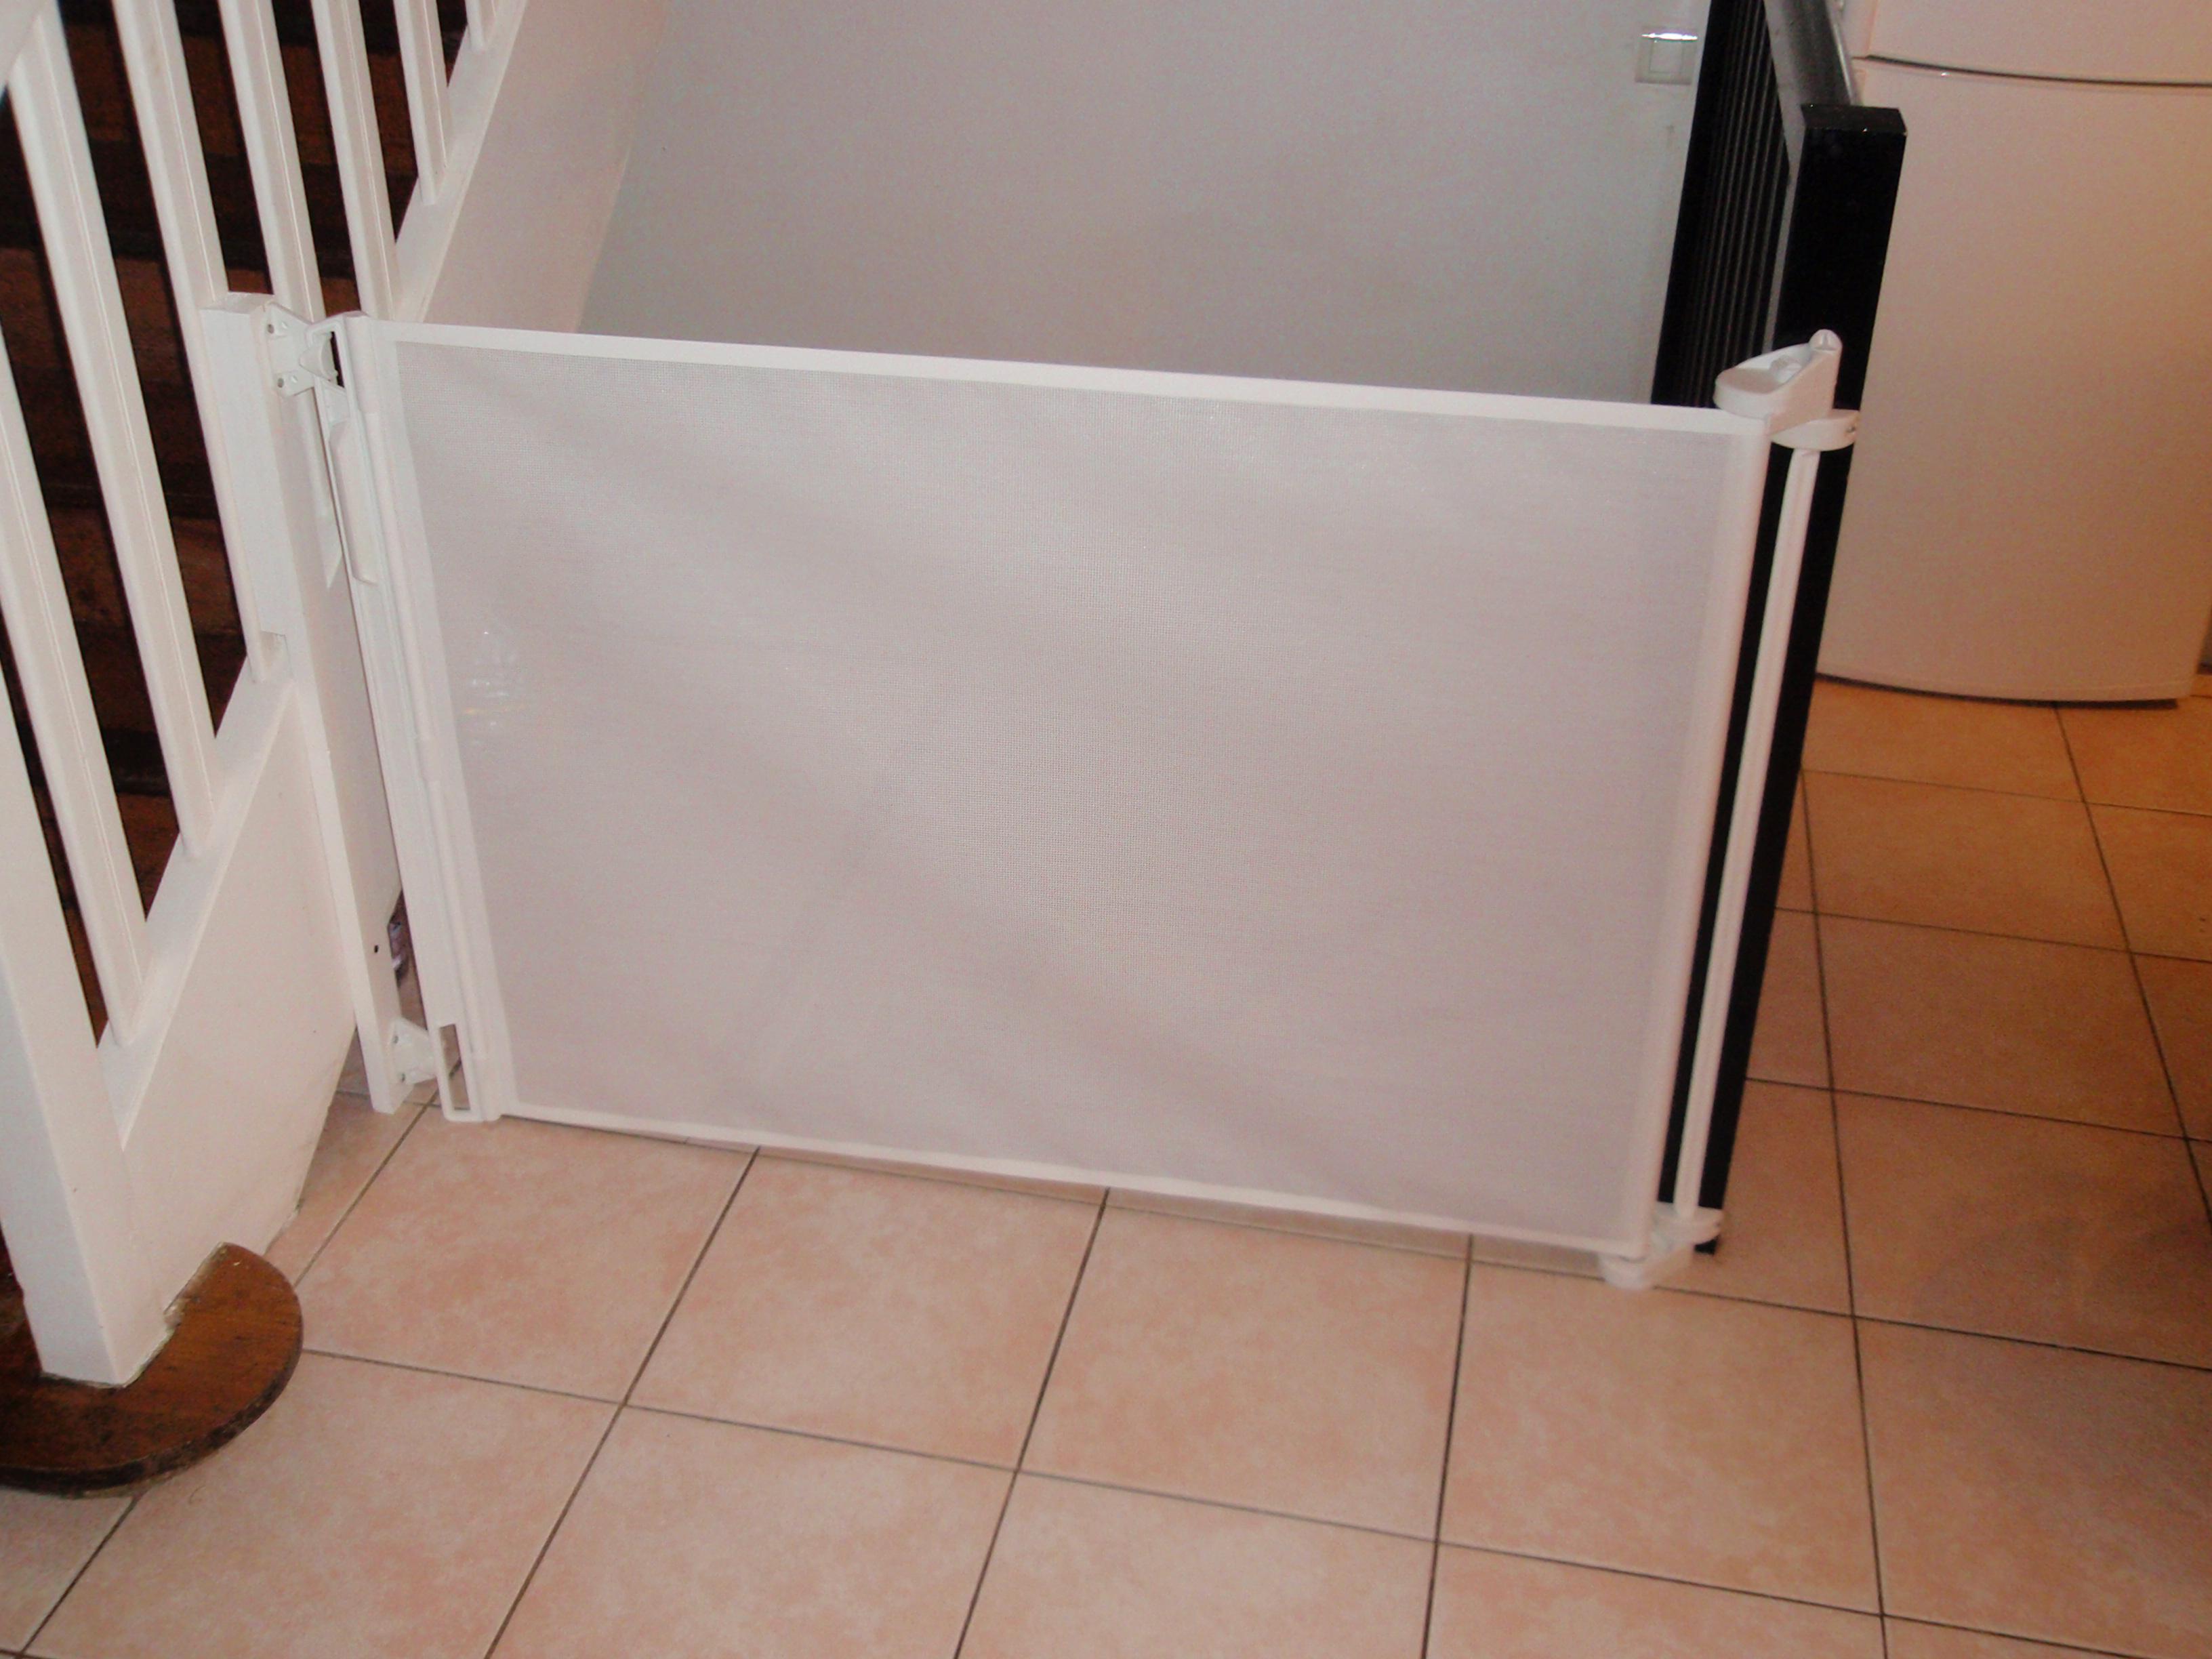 Barrires de scurit pour les escaliers  Karkace